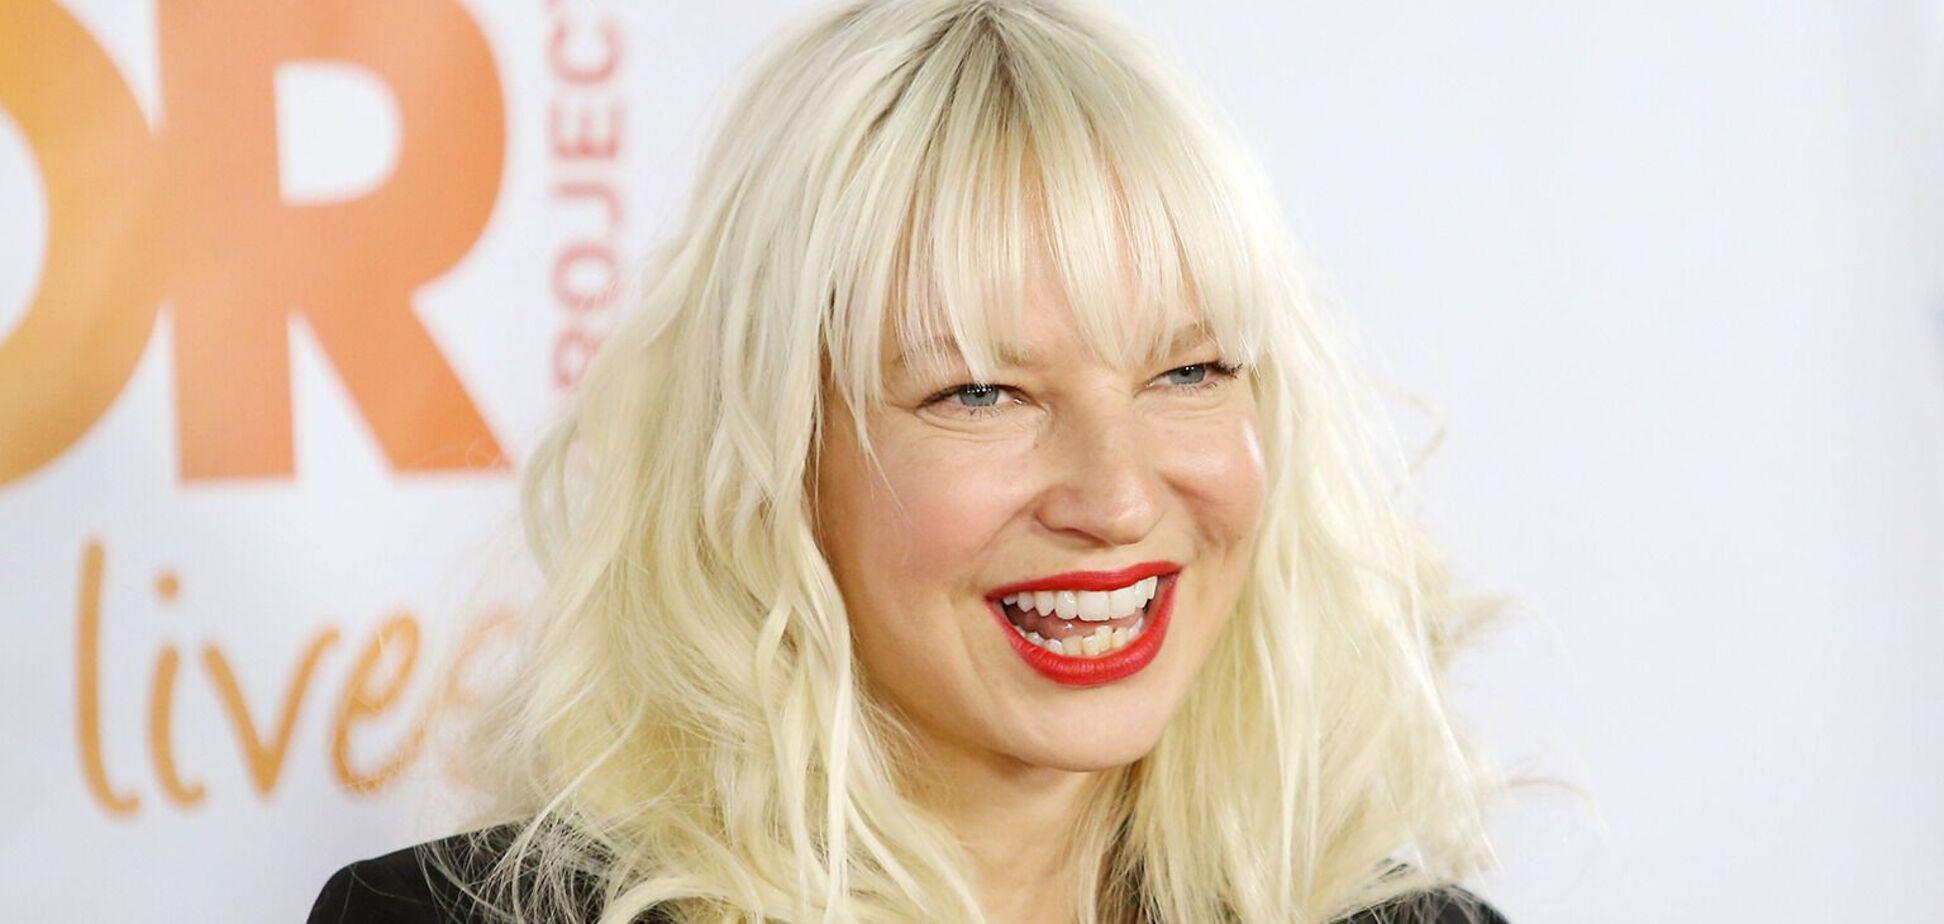 Співачка Sia пожертвувала велику суму для 60-річного чоловіка